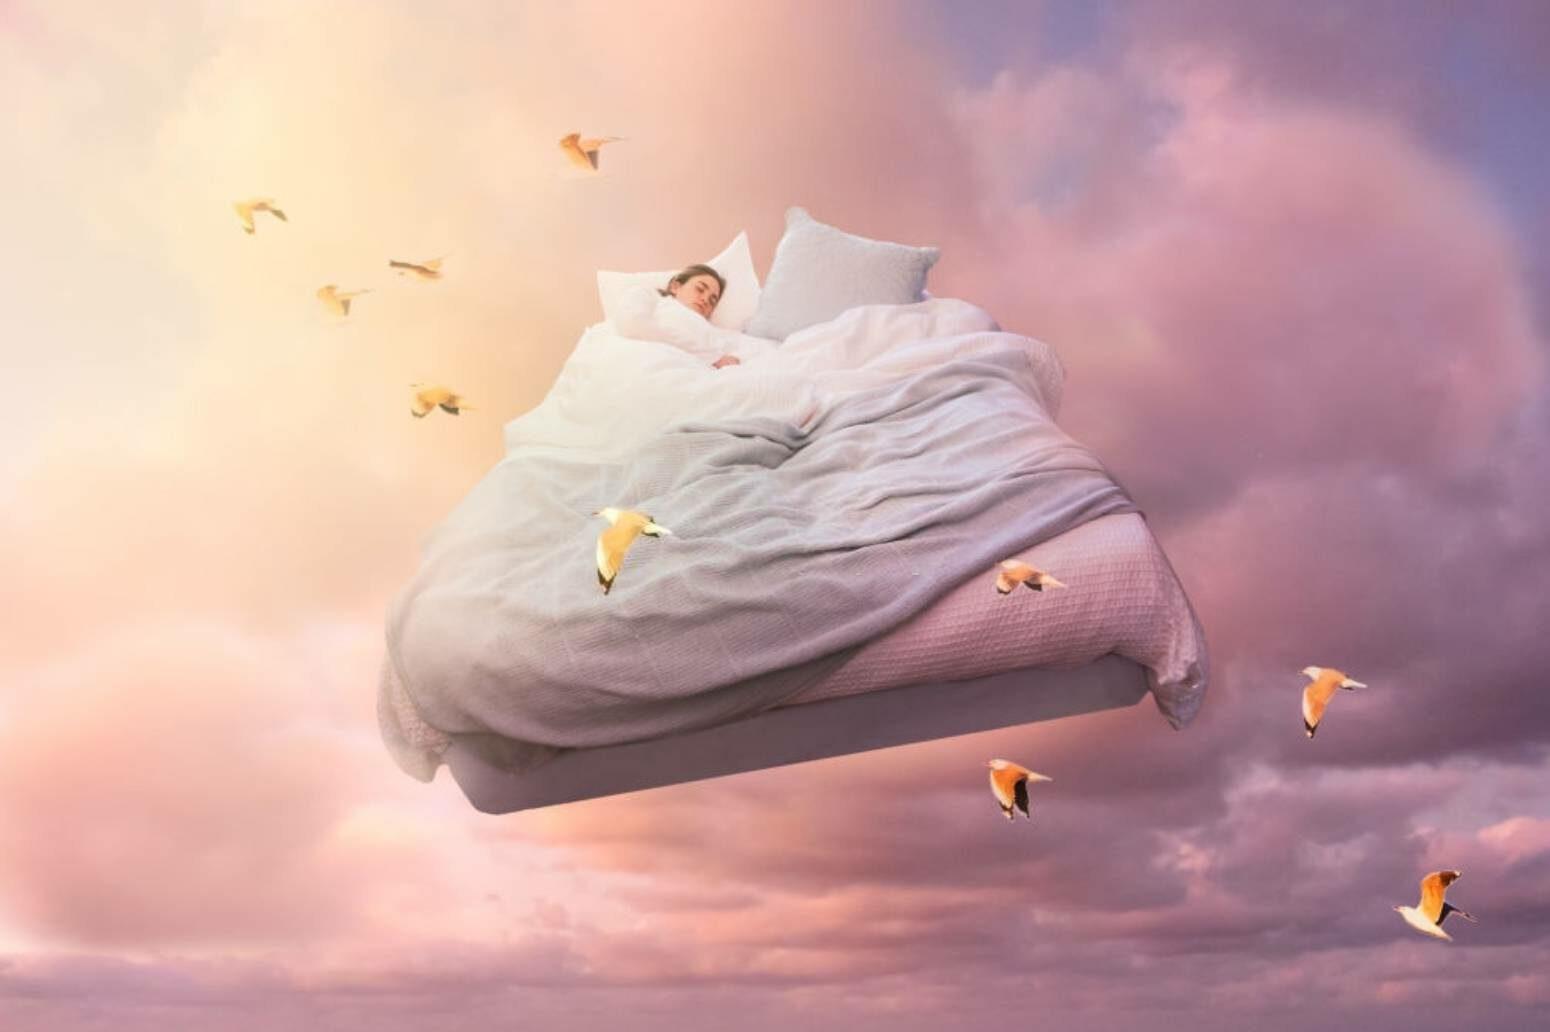 No dormir lo suficiente aumenta las posibilidades de desarrollar enfermedades.